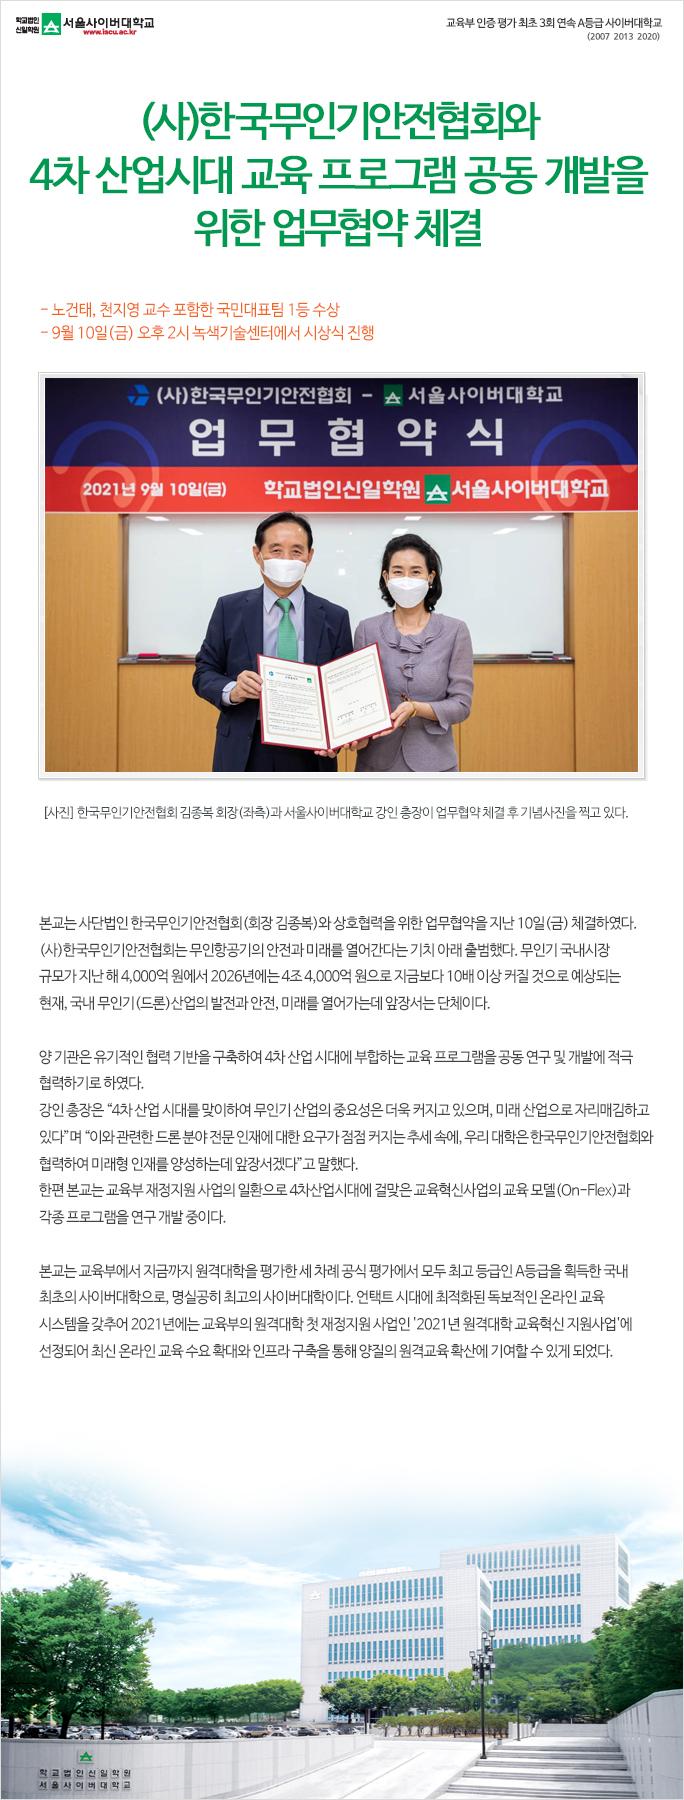 (사)한국무인기안전협회와 4차 산업시대 교육 프로그램 공동 개발을 위한 업무협약 체결